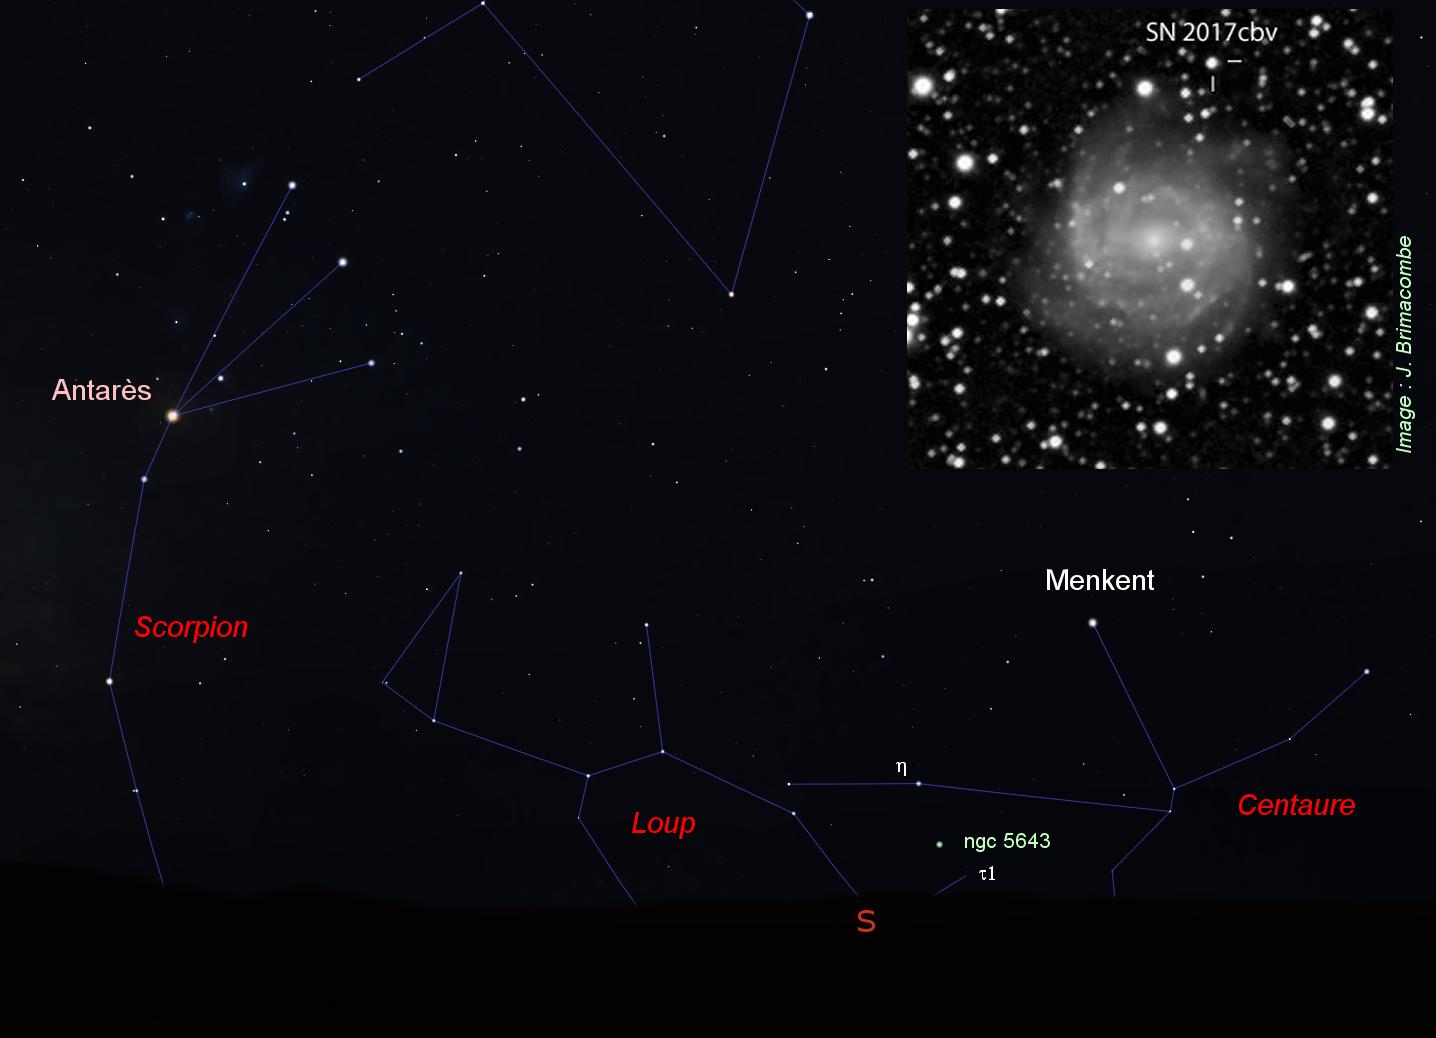 SN2017cbs map